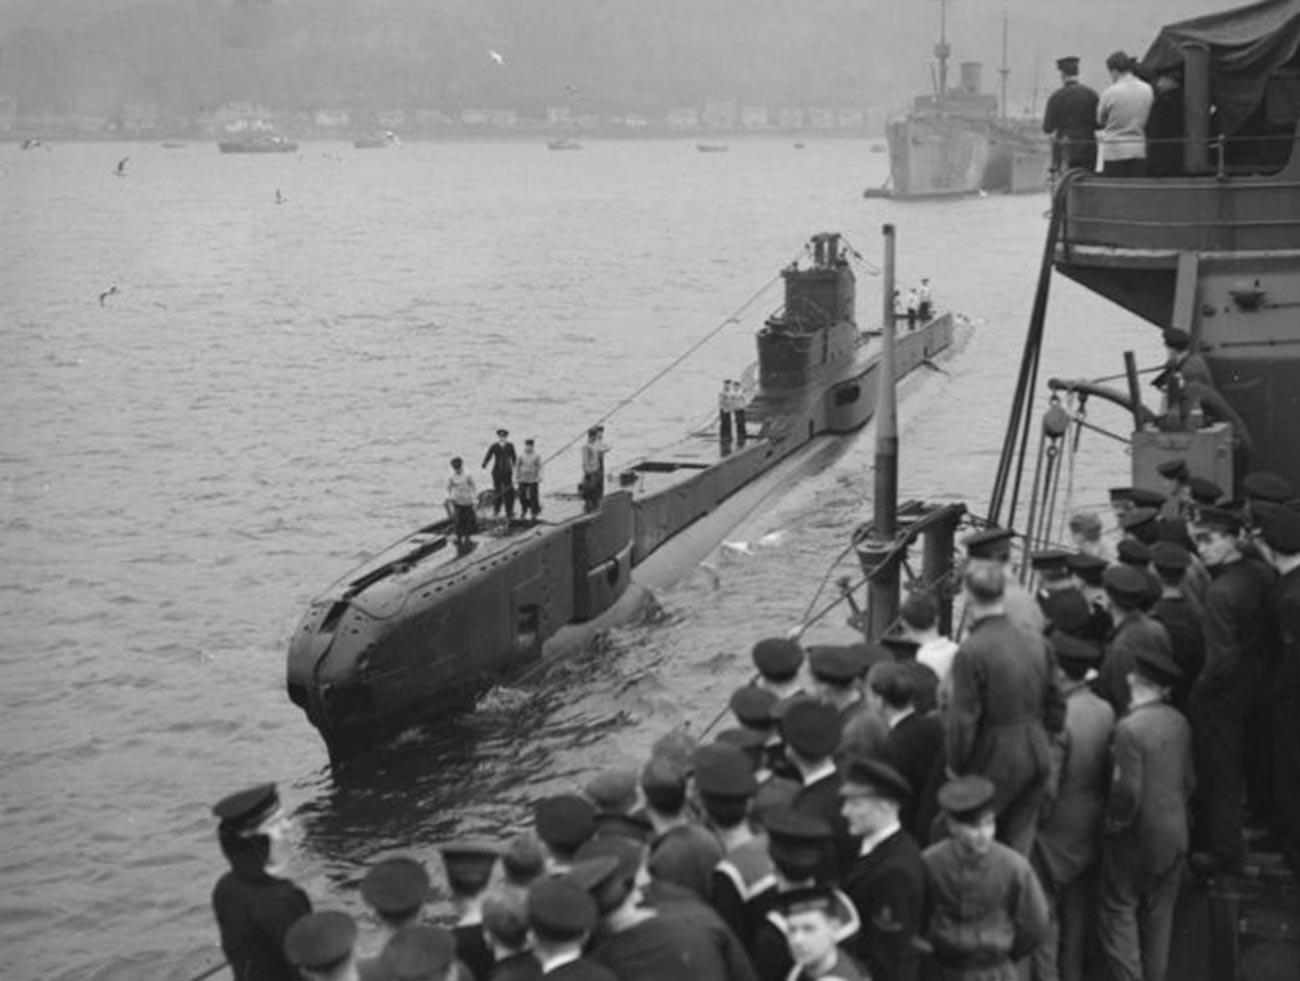 """Повратак британске подморнице """"Трајдент"""" (HMS Trident, N52) класе """"Т"""" из борбеног похода на базу у заливу Холи Лох."""